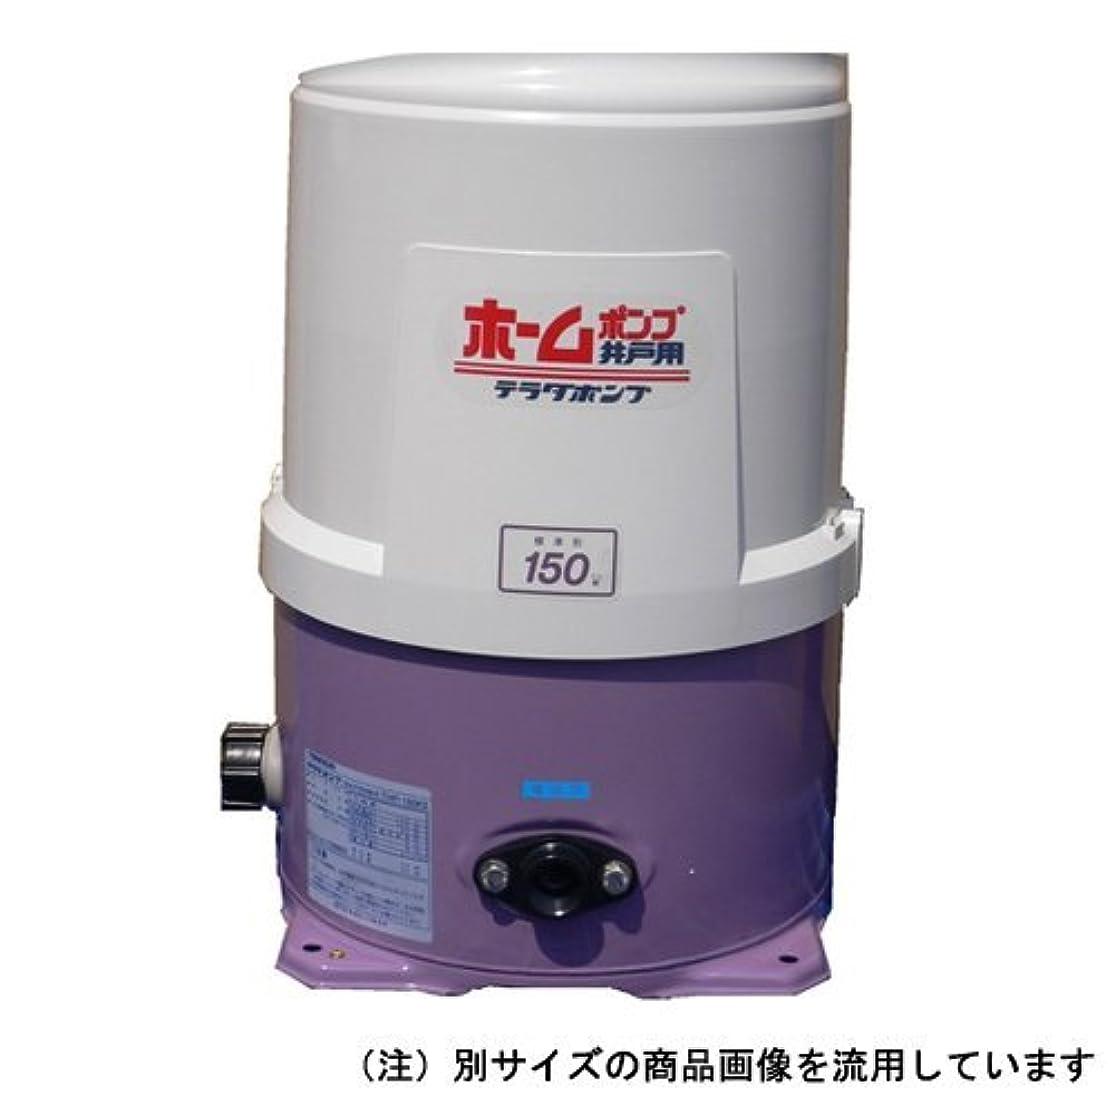 申し立てられた遺棄された純粋に寺田ポンプ 浅井戸用ポンプ THP-150(50Hz)